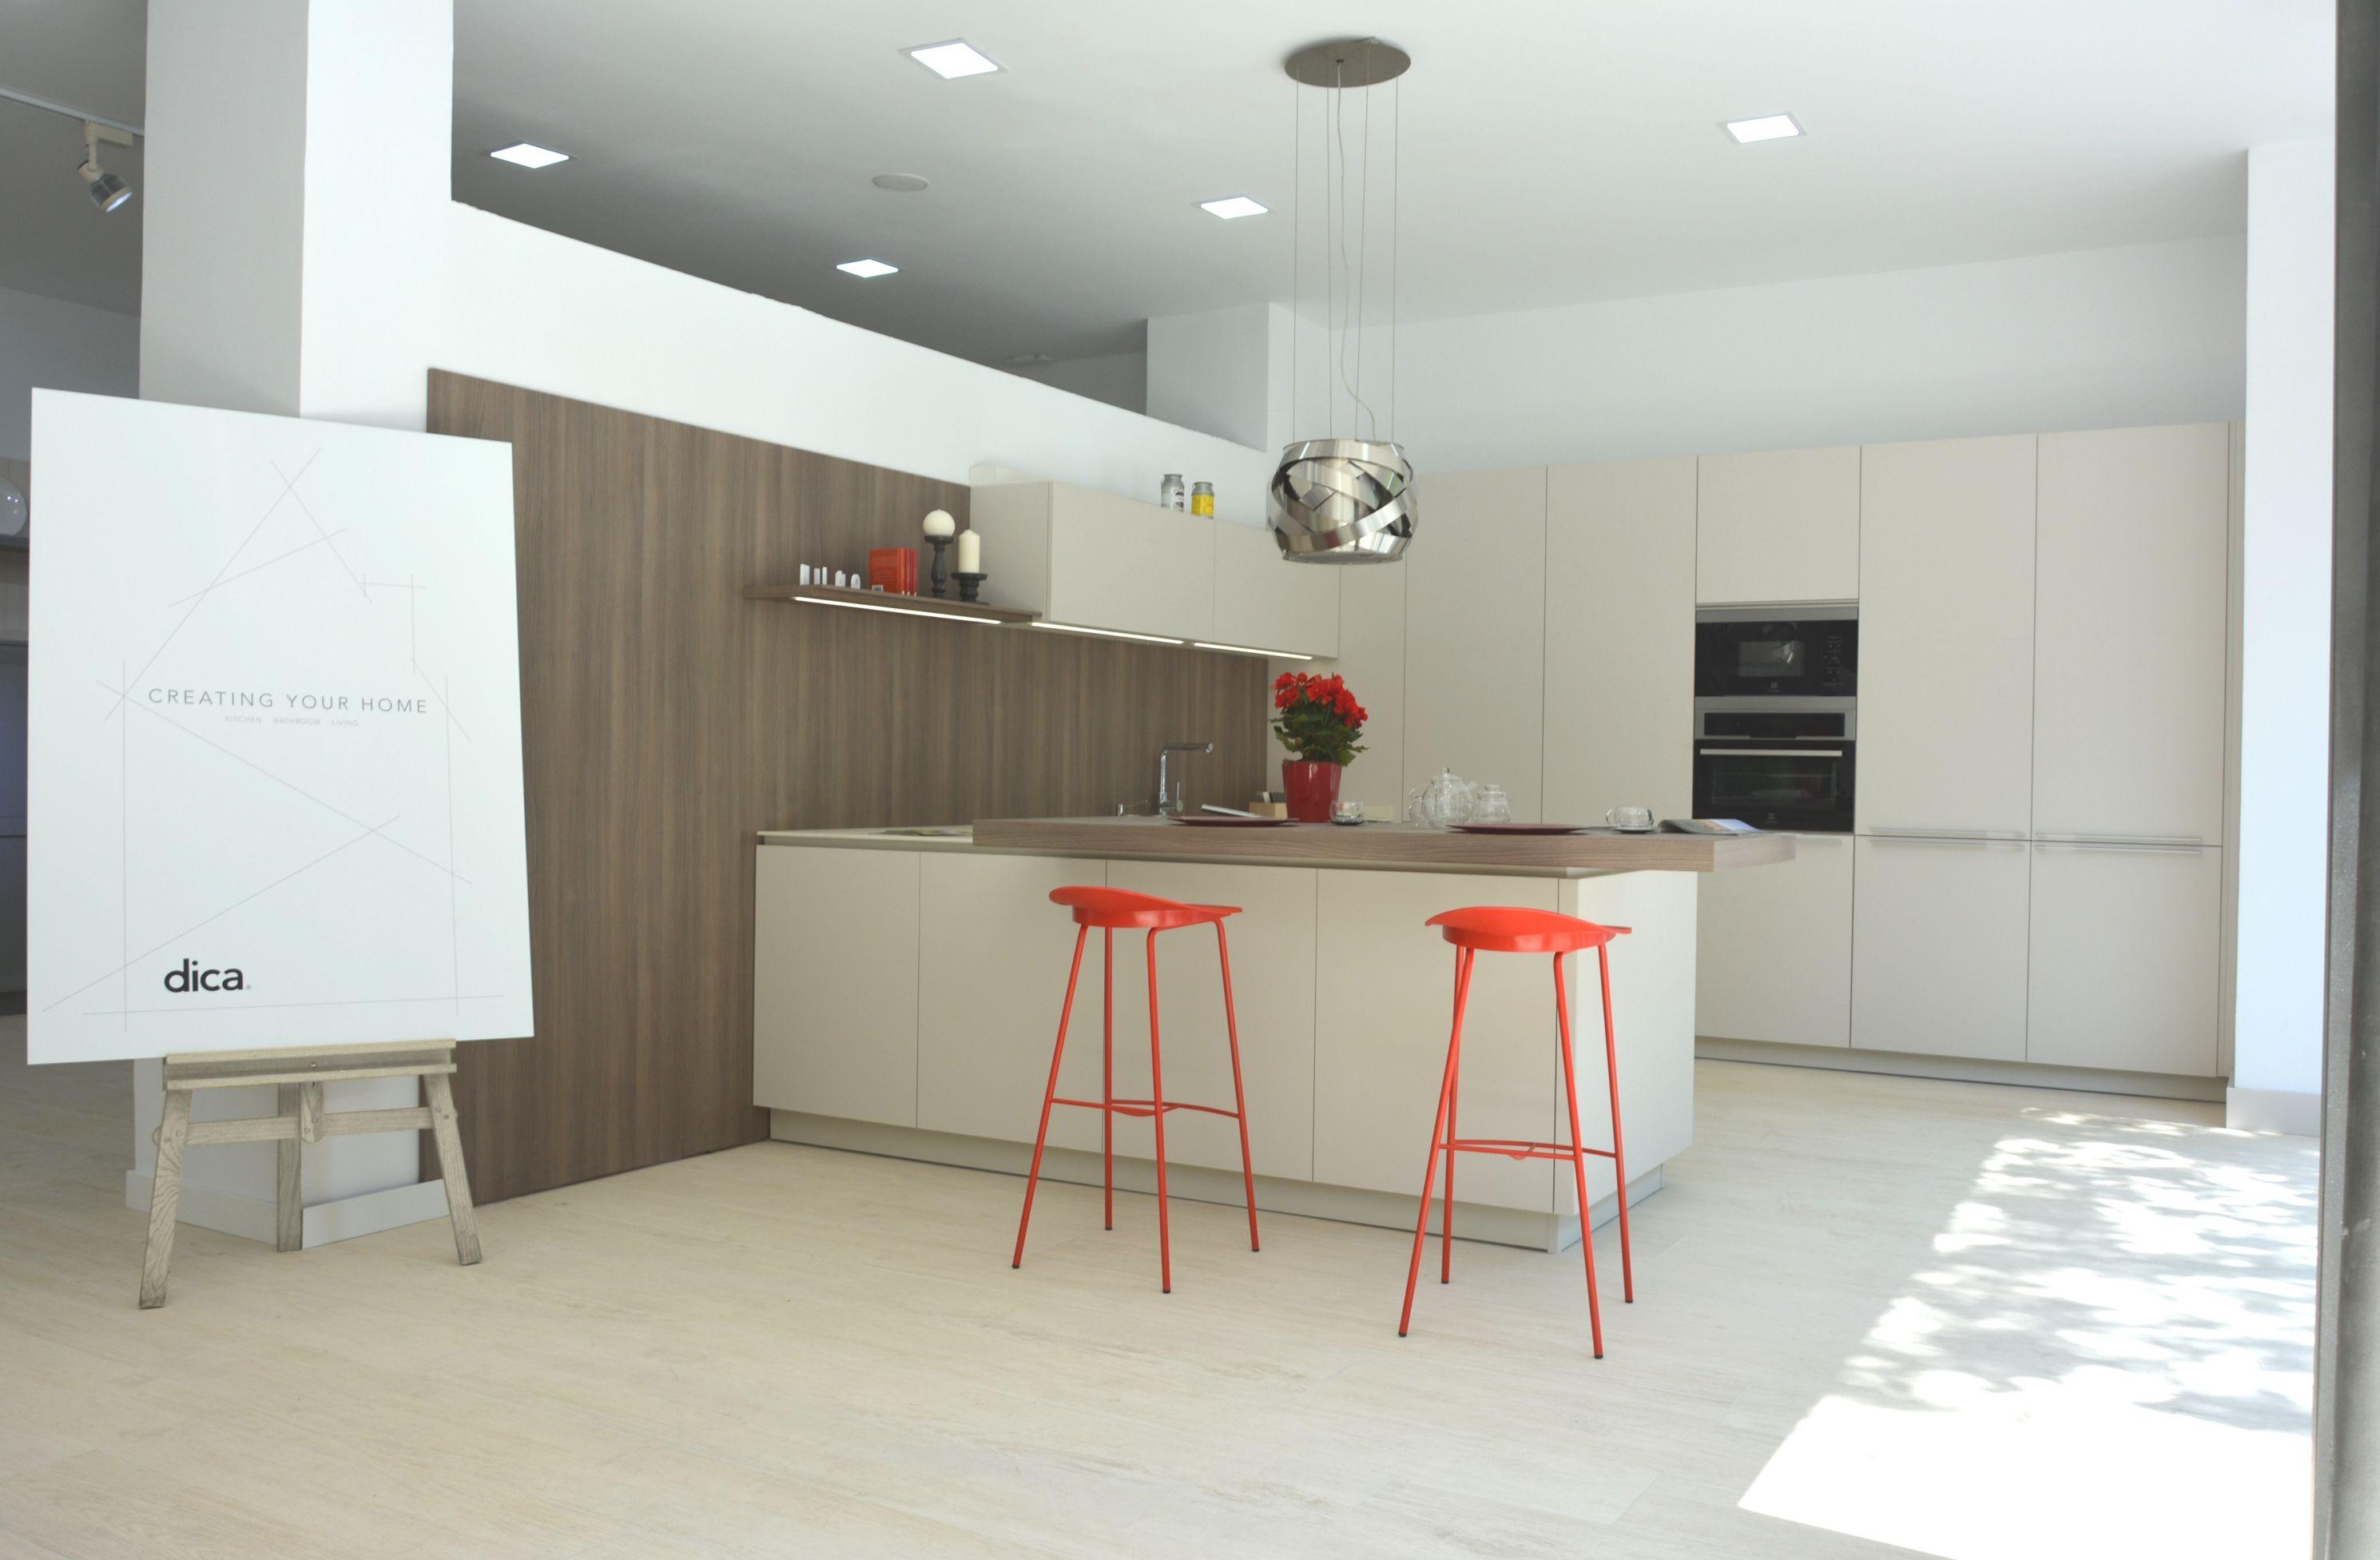 Milano dica techlam hydra beige suelo wood aspen - Abaco cocinas ...